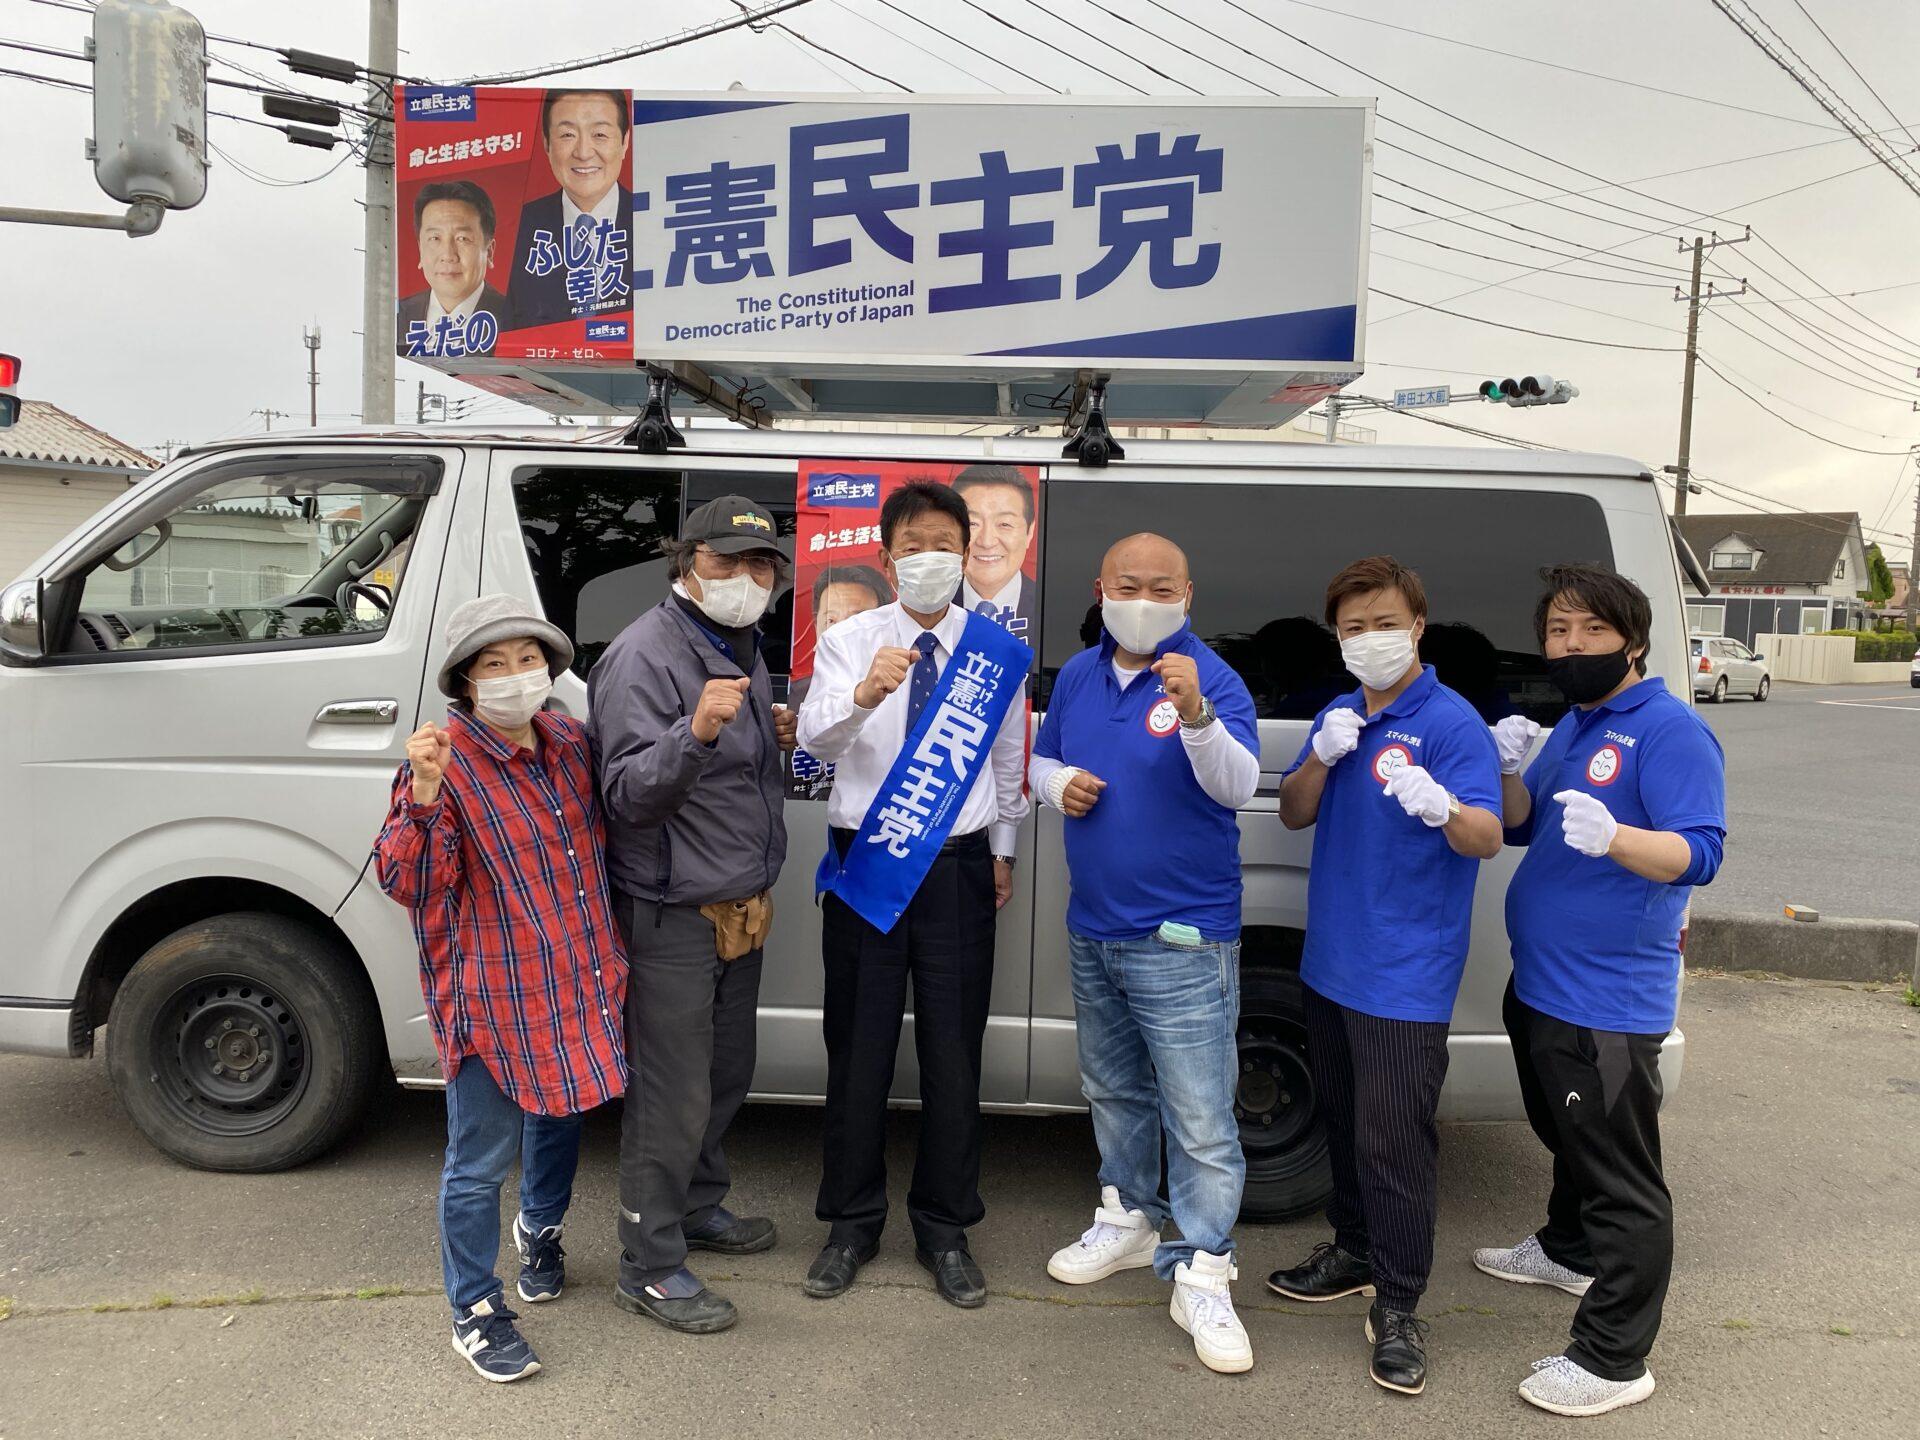 1日は行方市と鉾田市で街頭演説しました